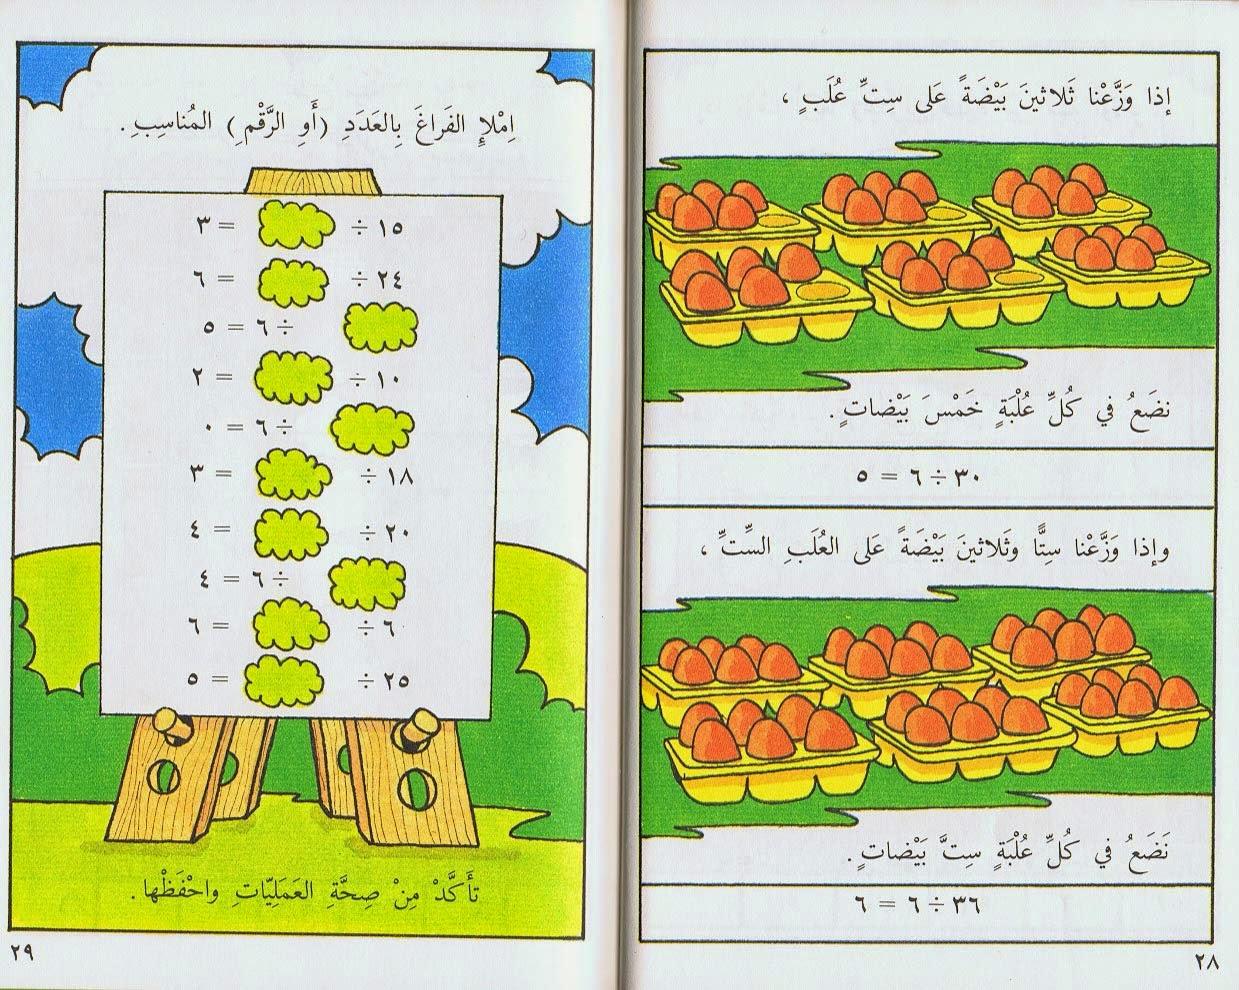 كتاب تعليم القسمة لأطفال الصف الثالث بالألوان الطبيعية 2015 CCI05062012_00044.jp